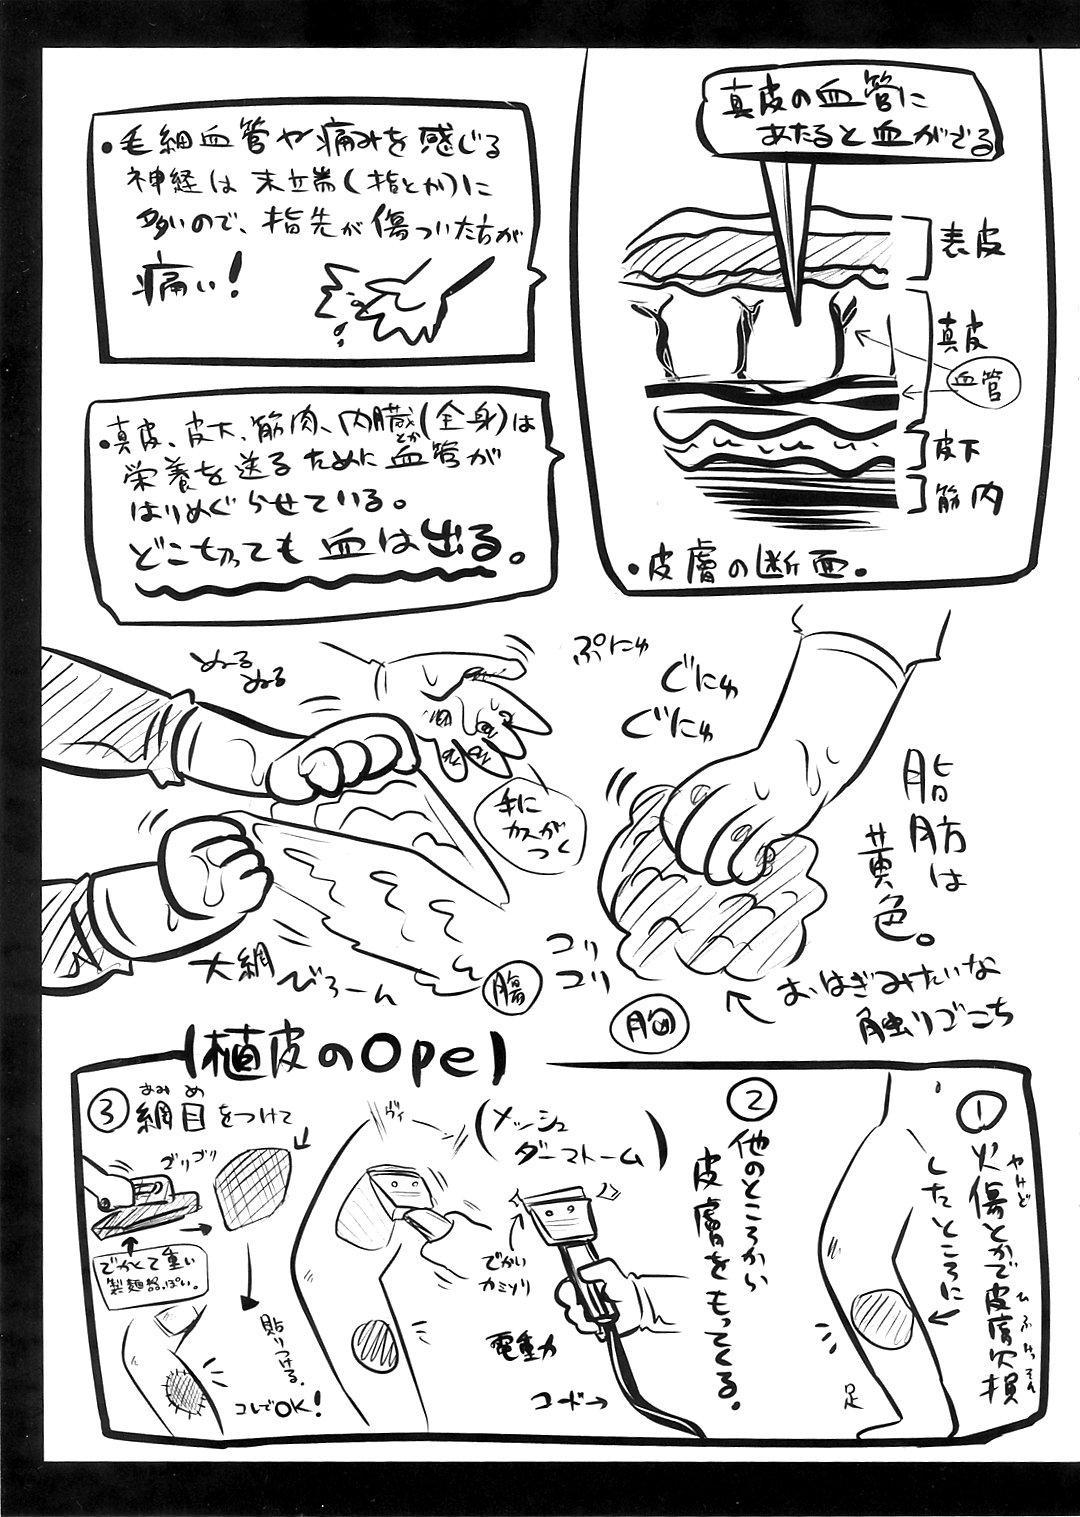 Ryonara no Tame no Kaibou Seiri 8